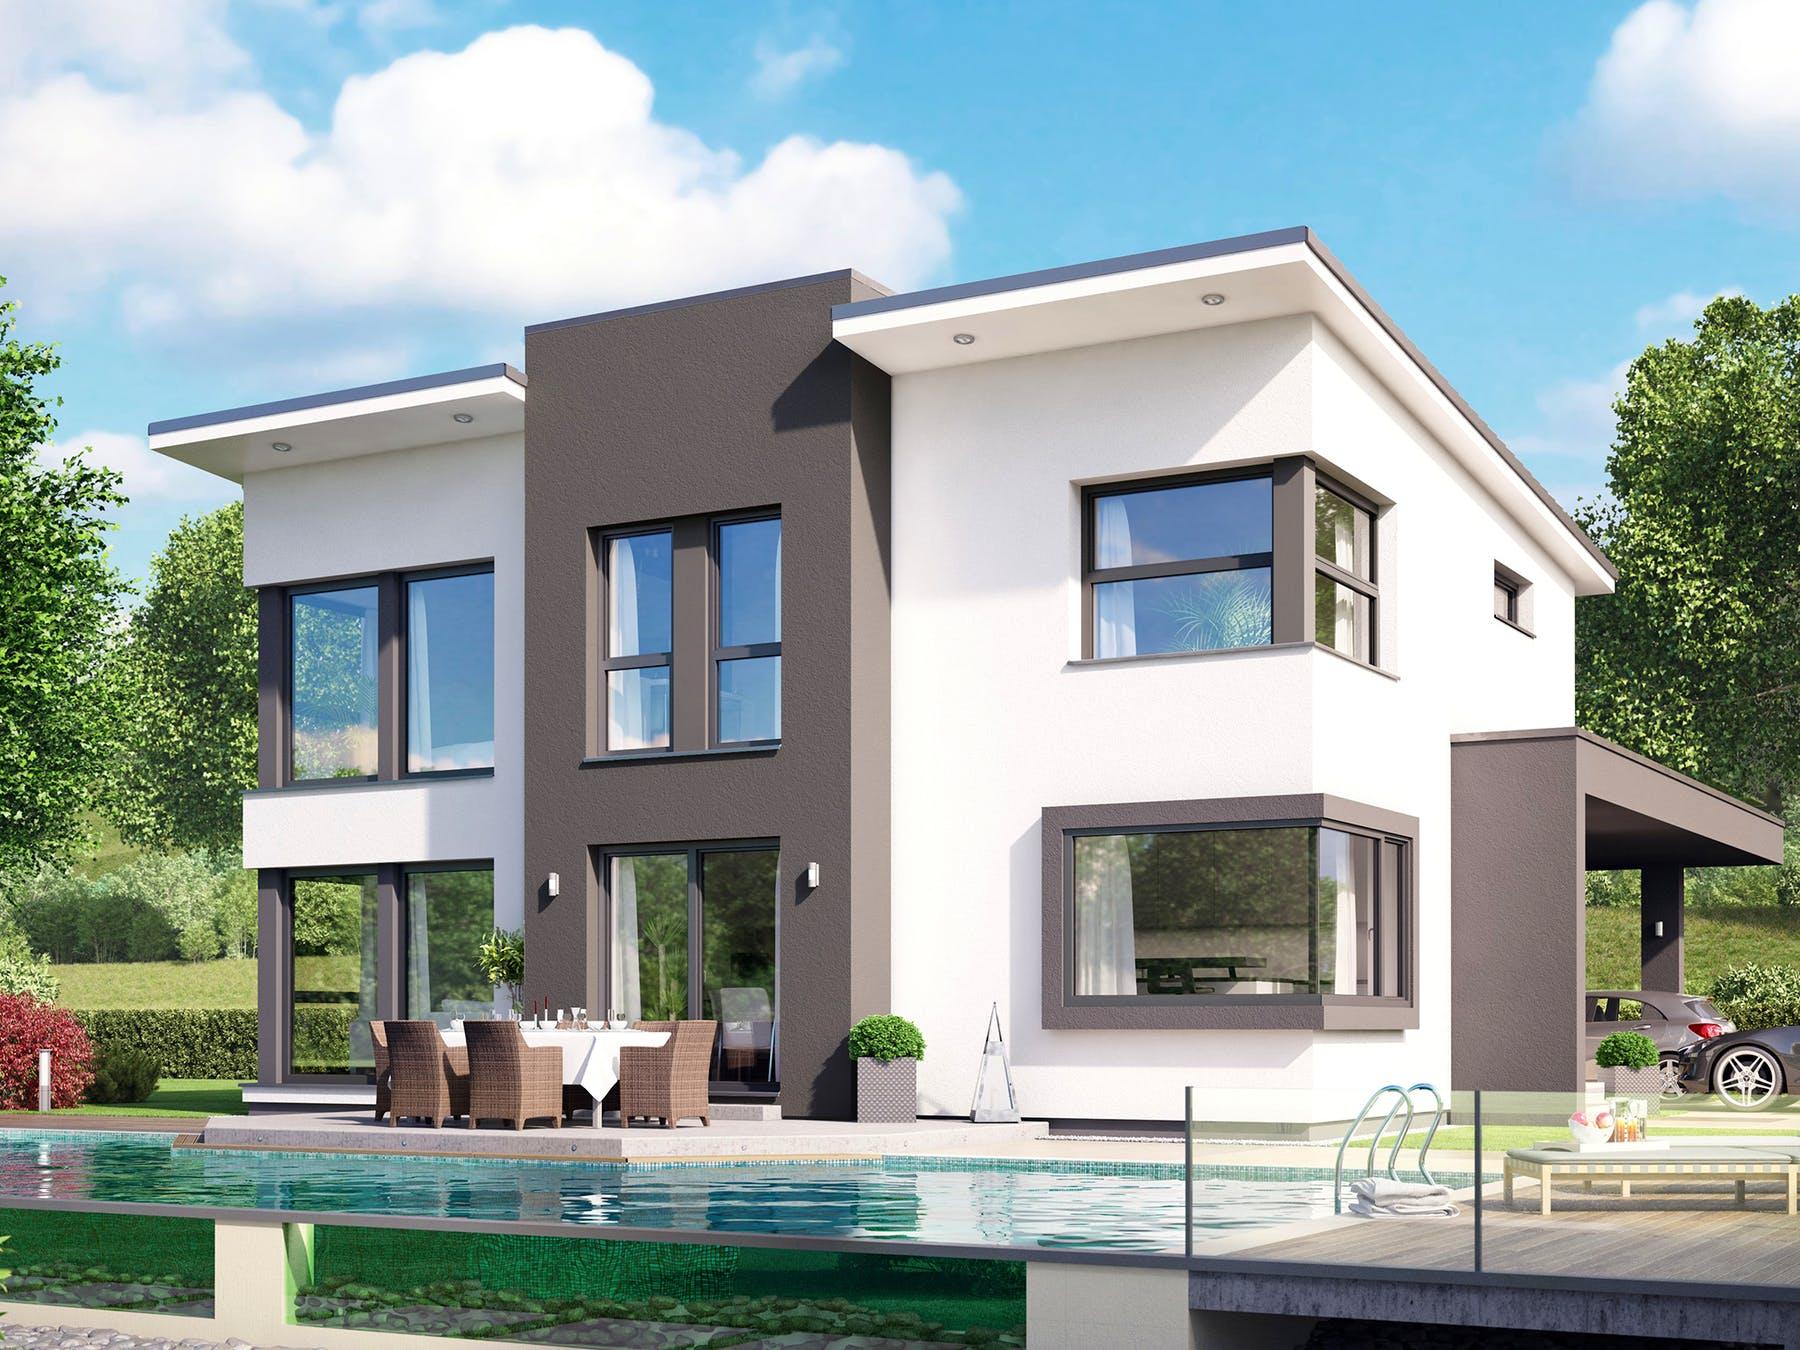 Modernes Haus in schwarz und weiß, Außenansicht